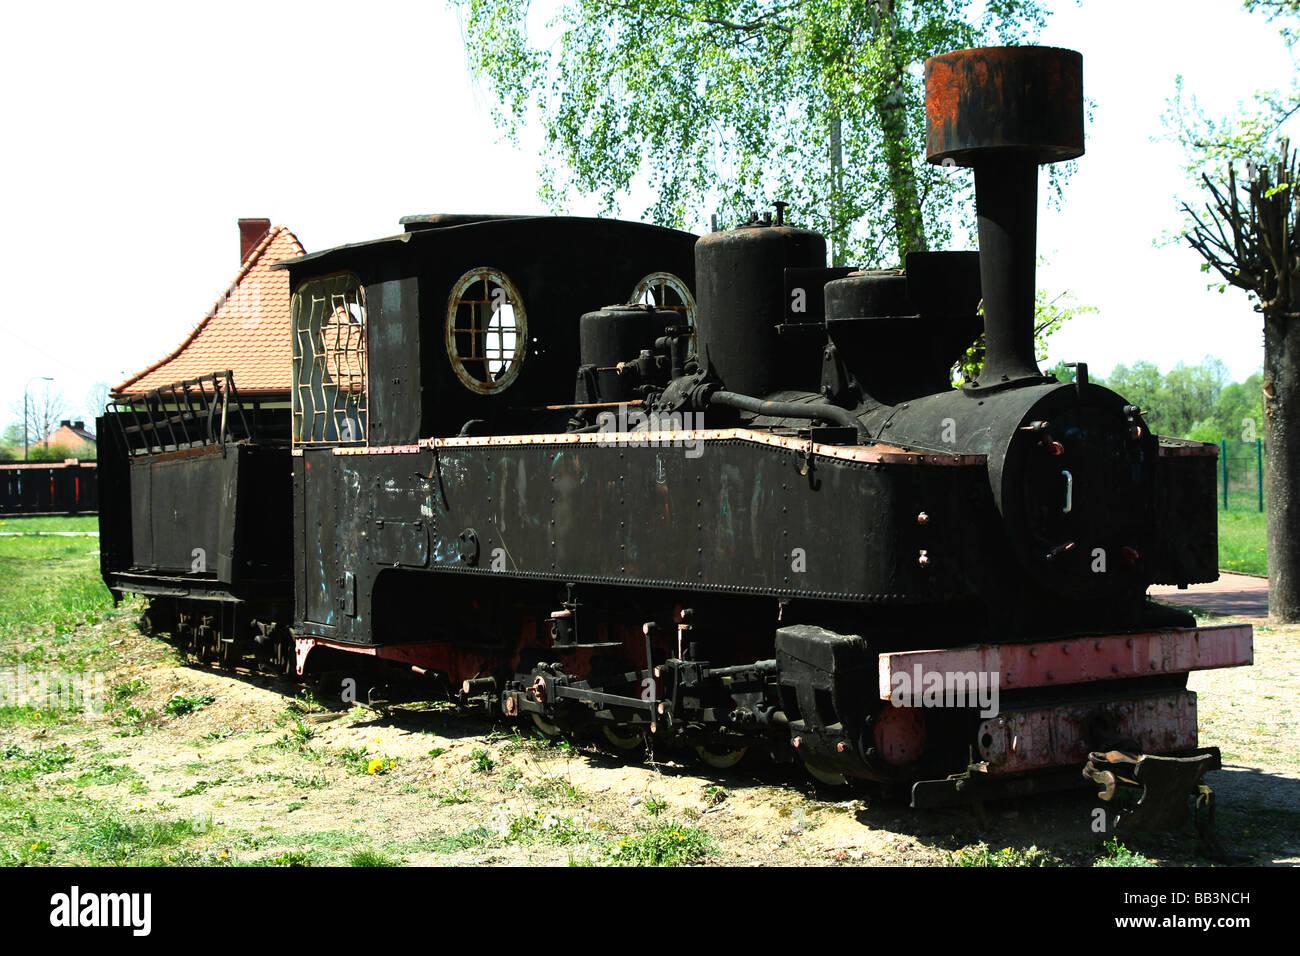 Old, unused locomotive in Hajnówka, Bialowieza National Park, Poland - Stock Image